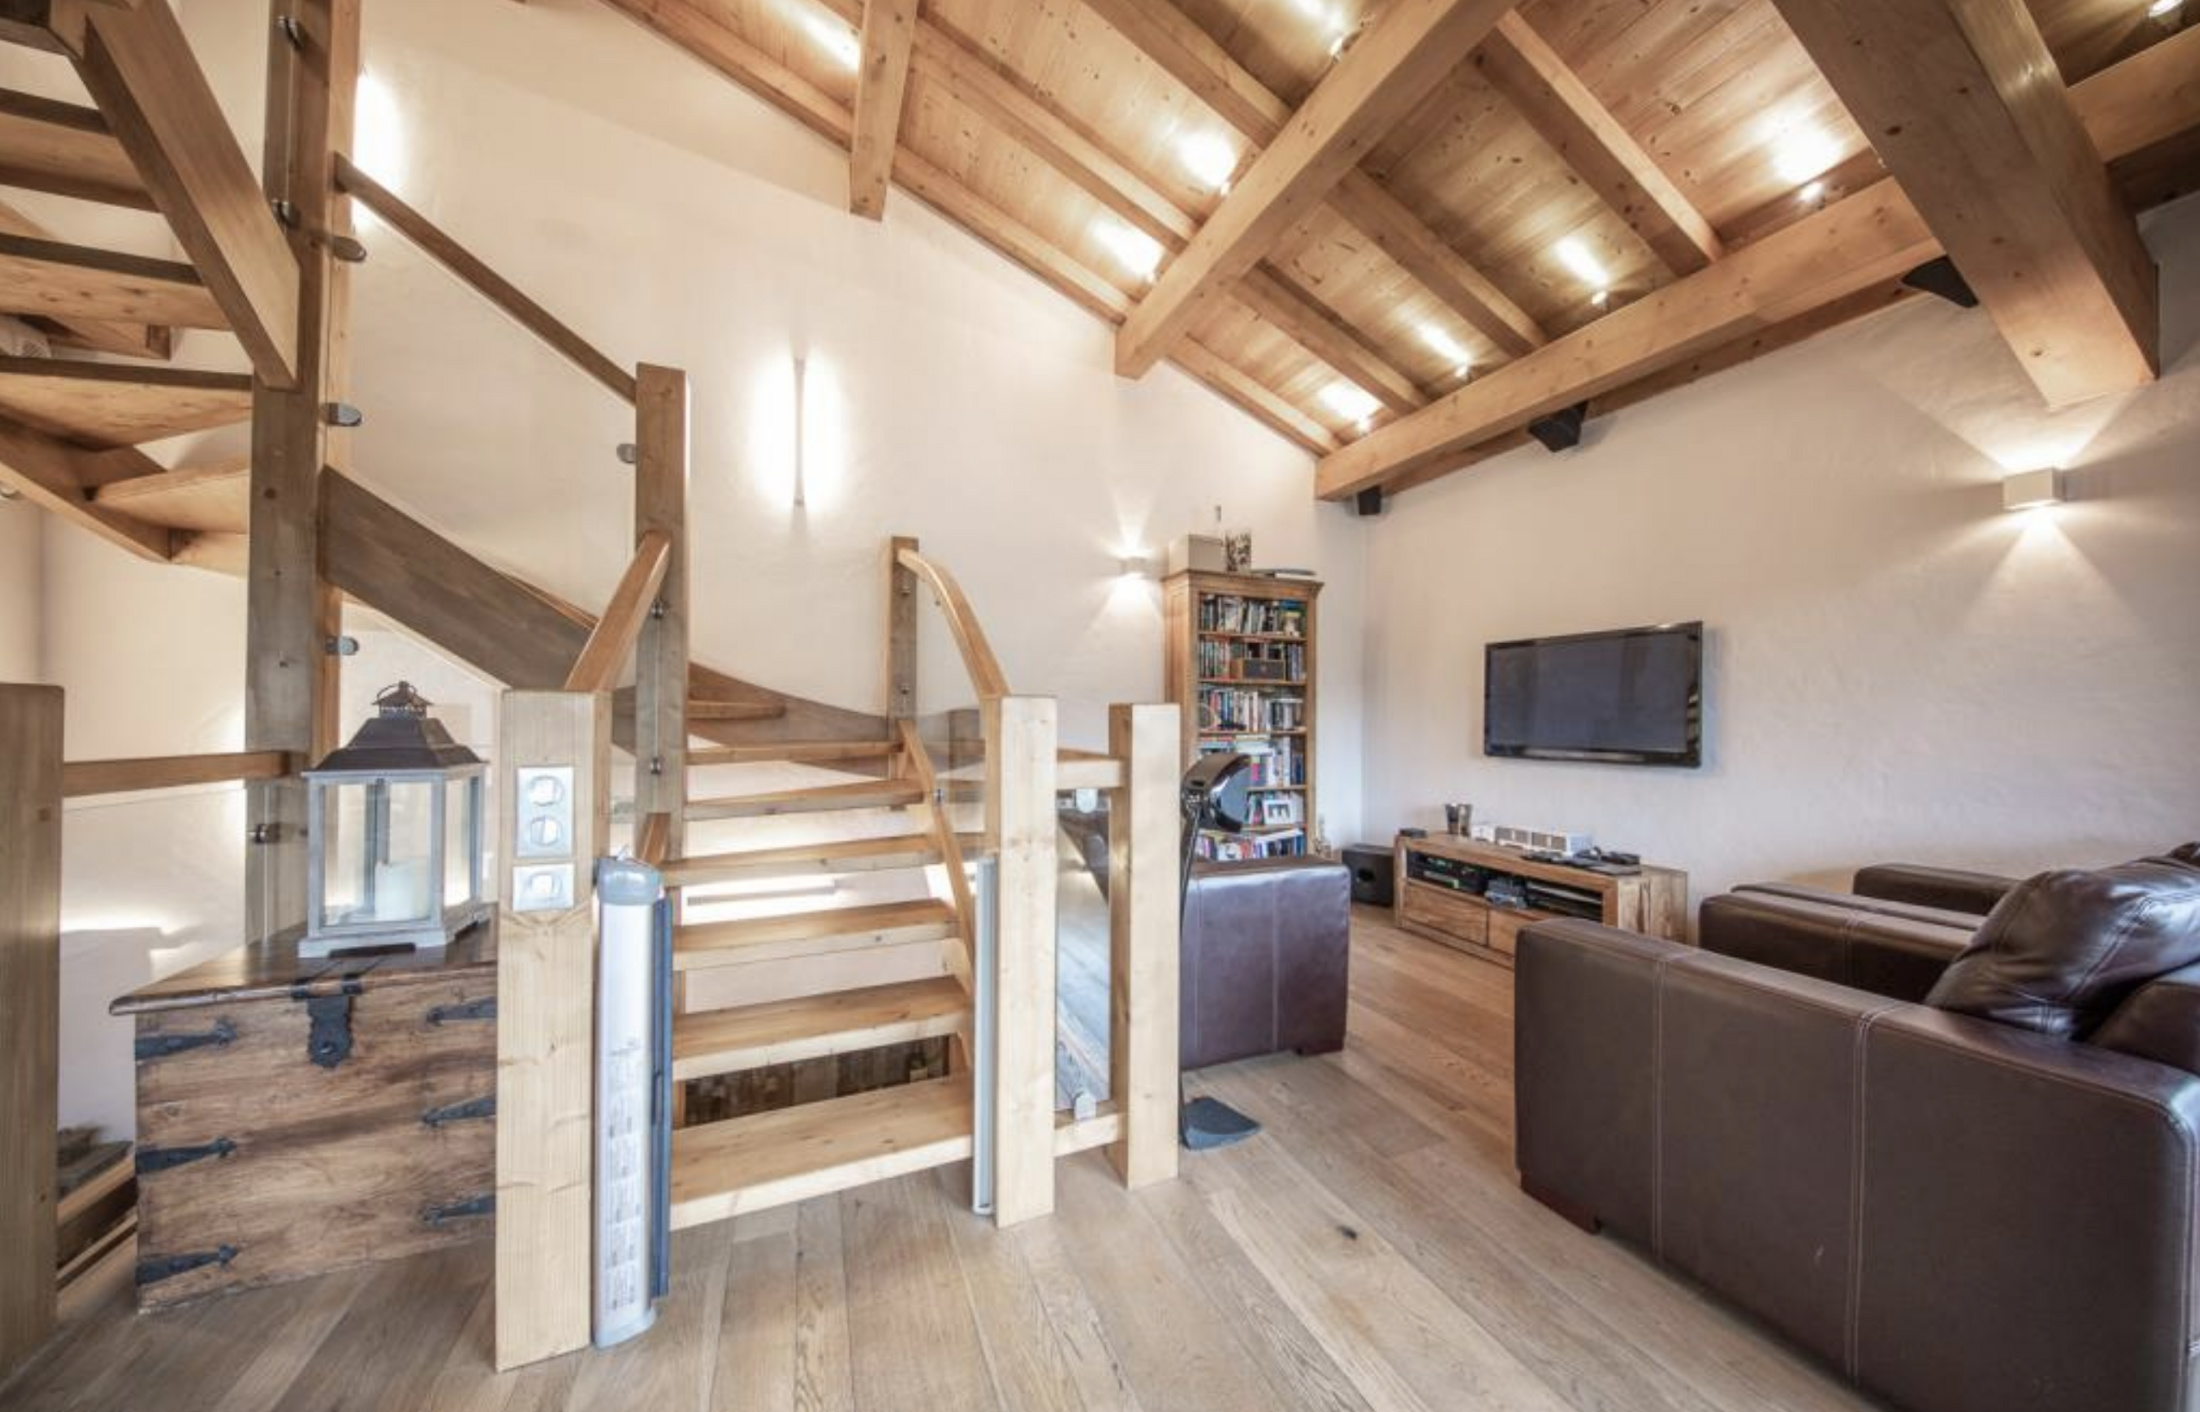 Luxury Chalet in Haute-Savoie France